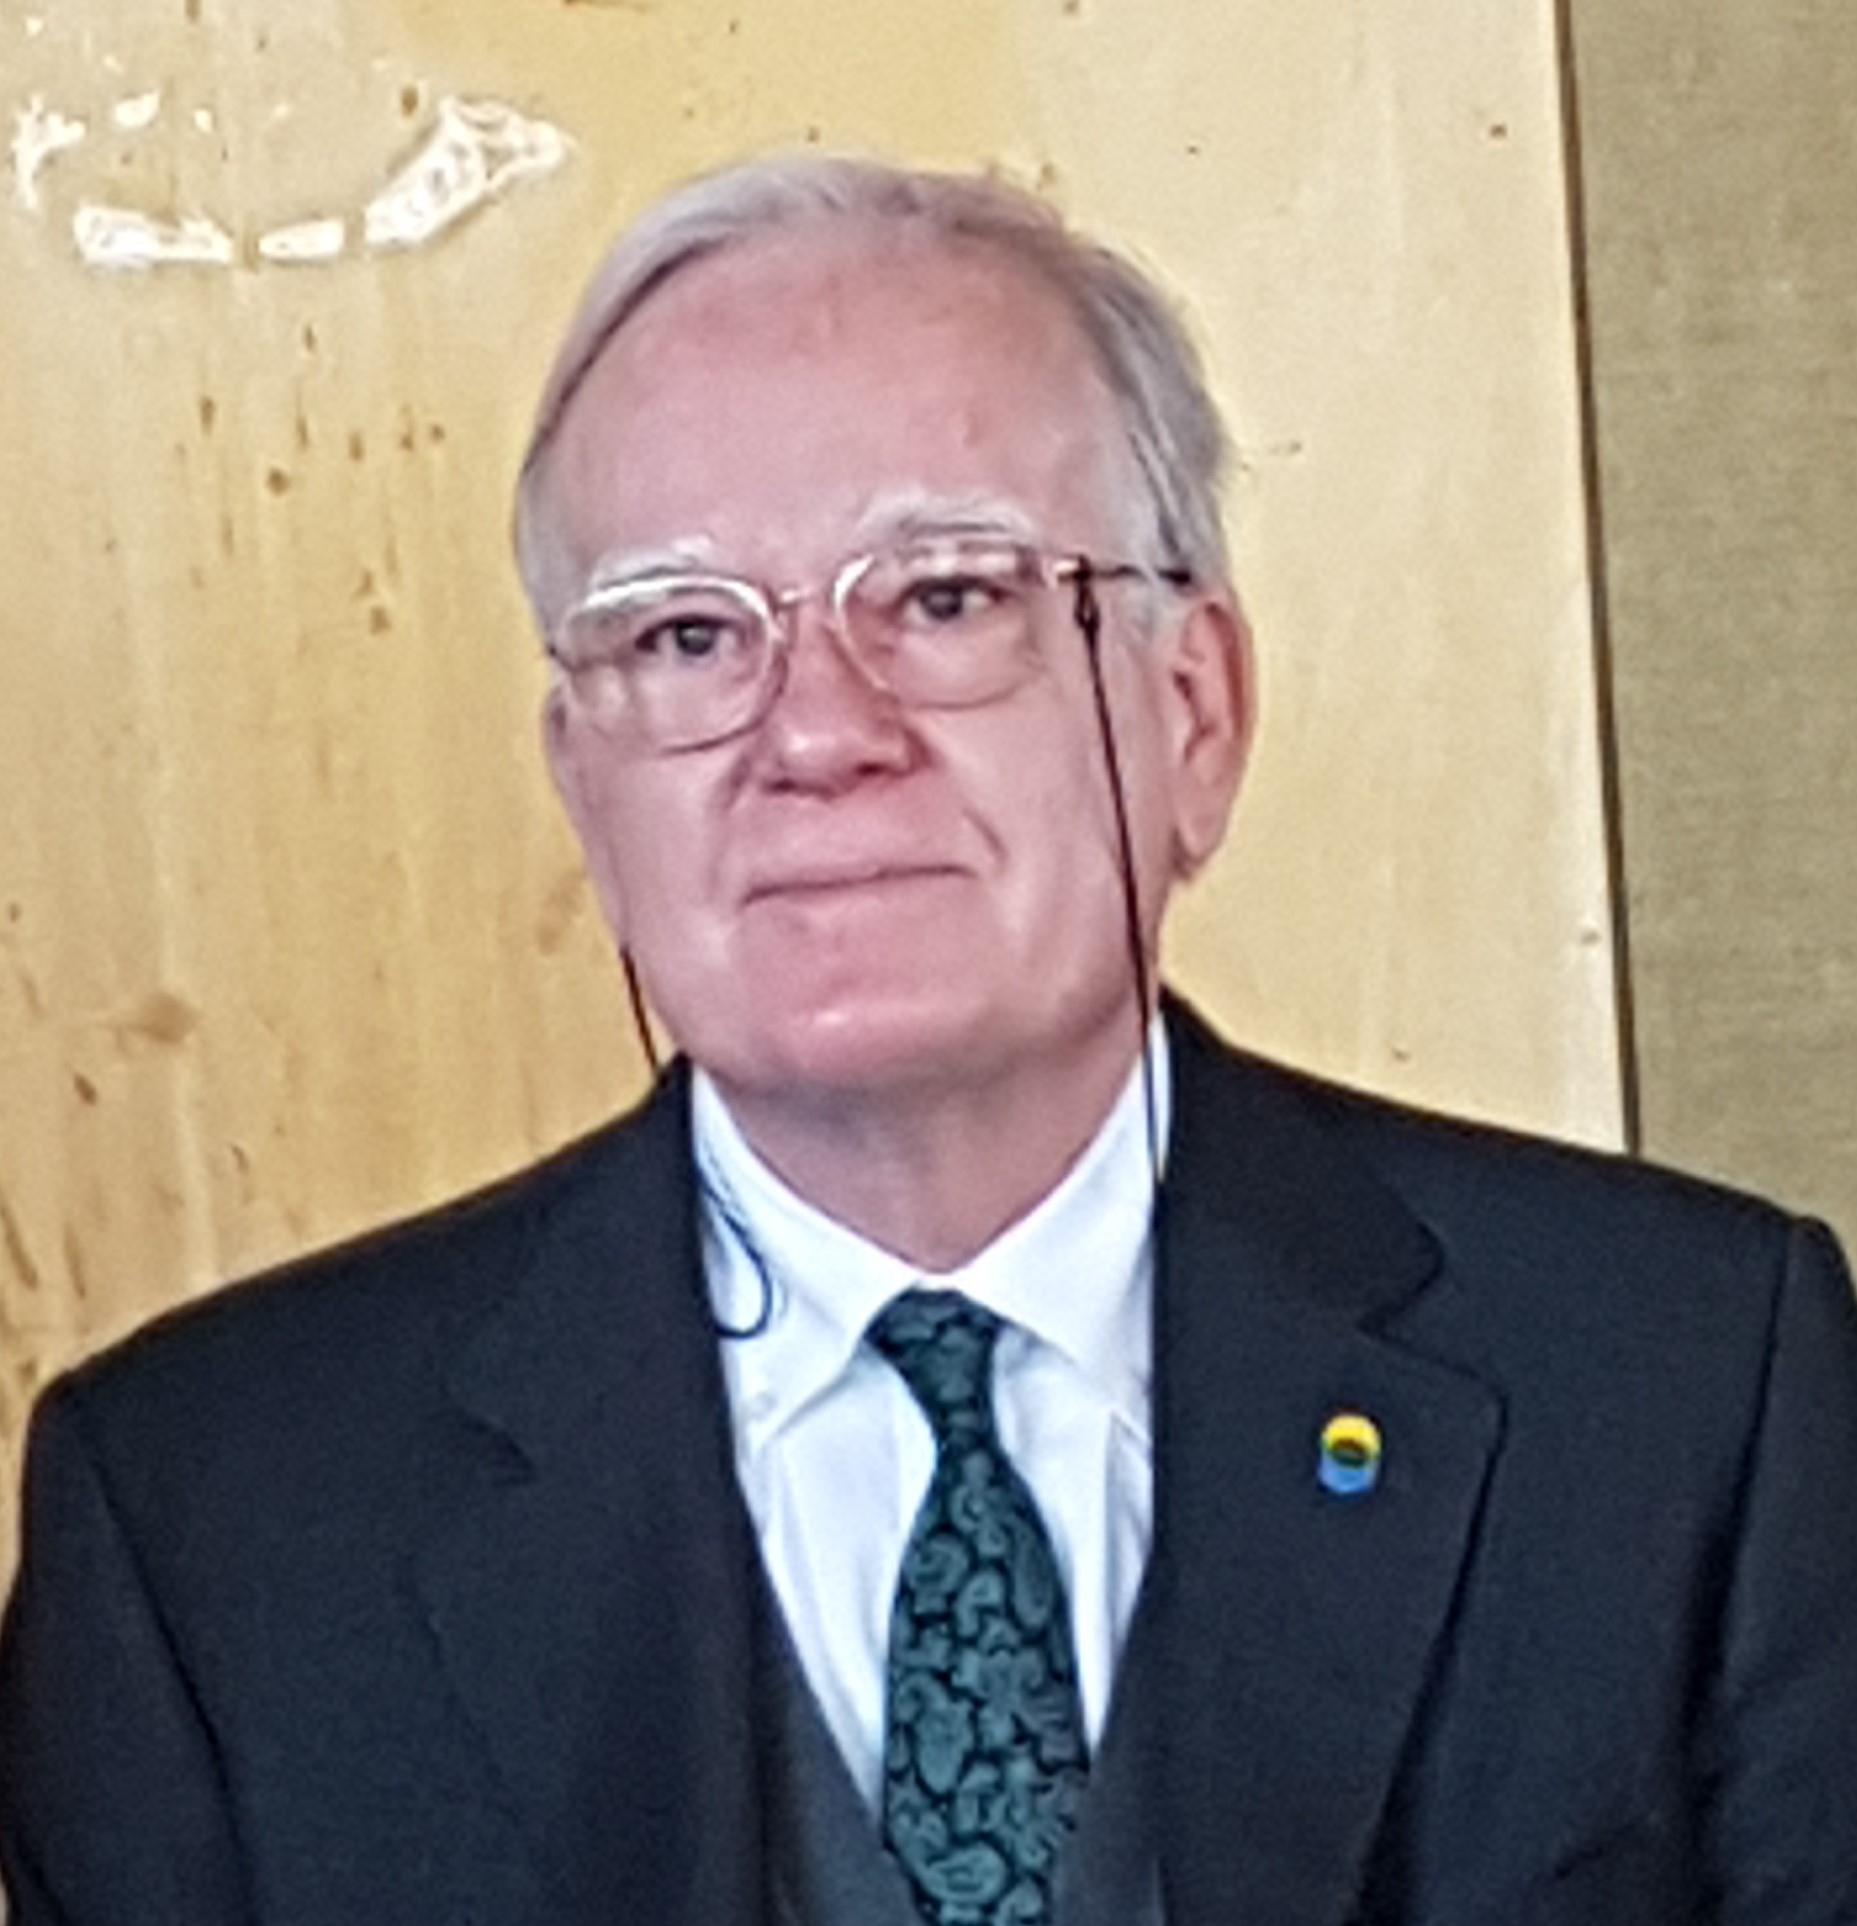 Carlo Antonio Pescetti, Consigliere Delegato di Fondazione Sodalitas